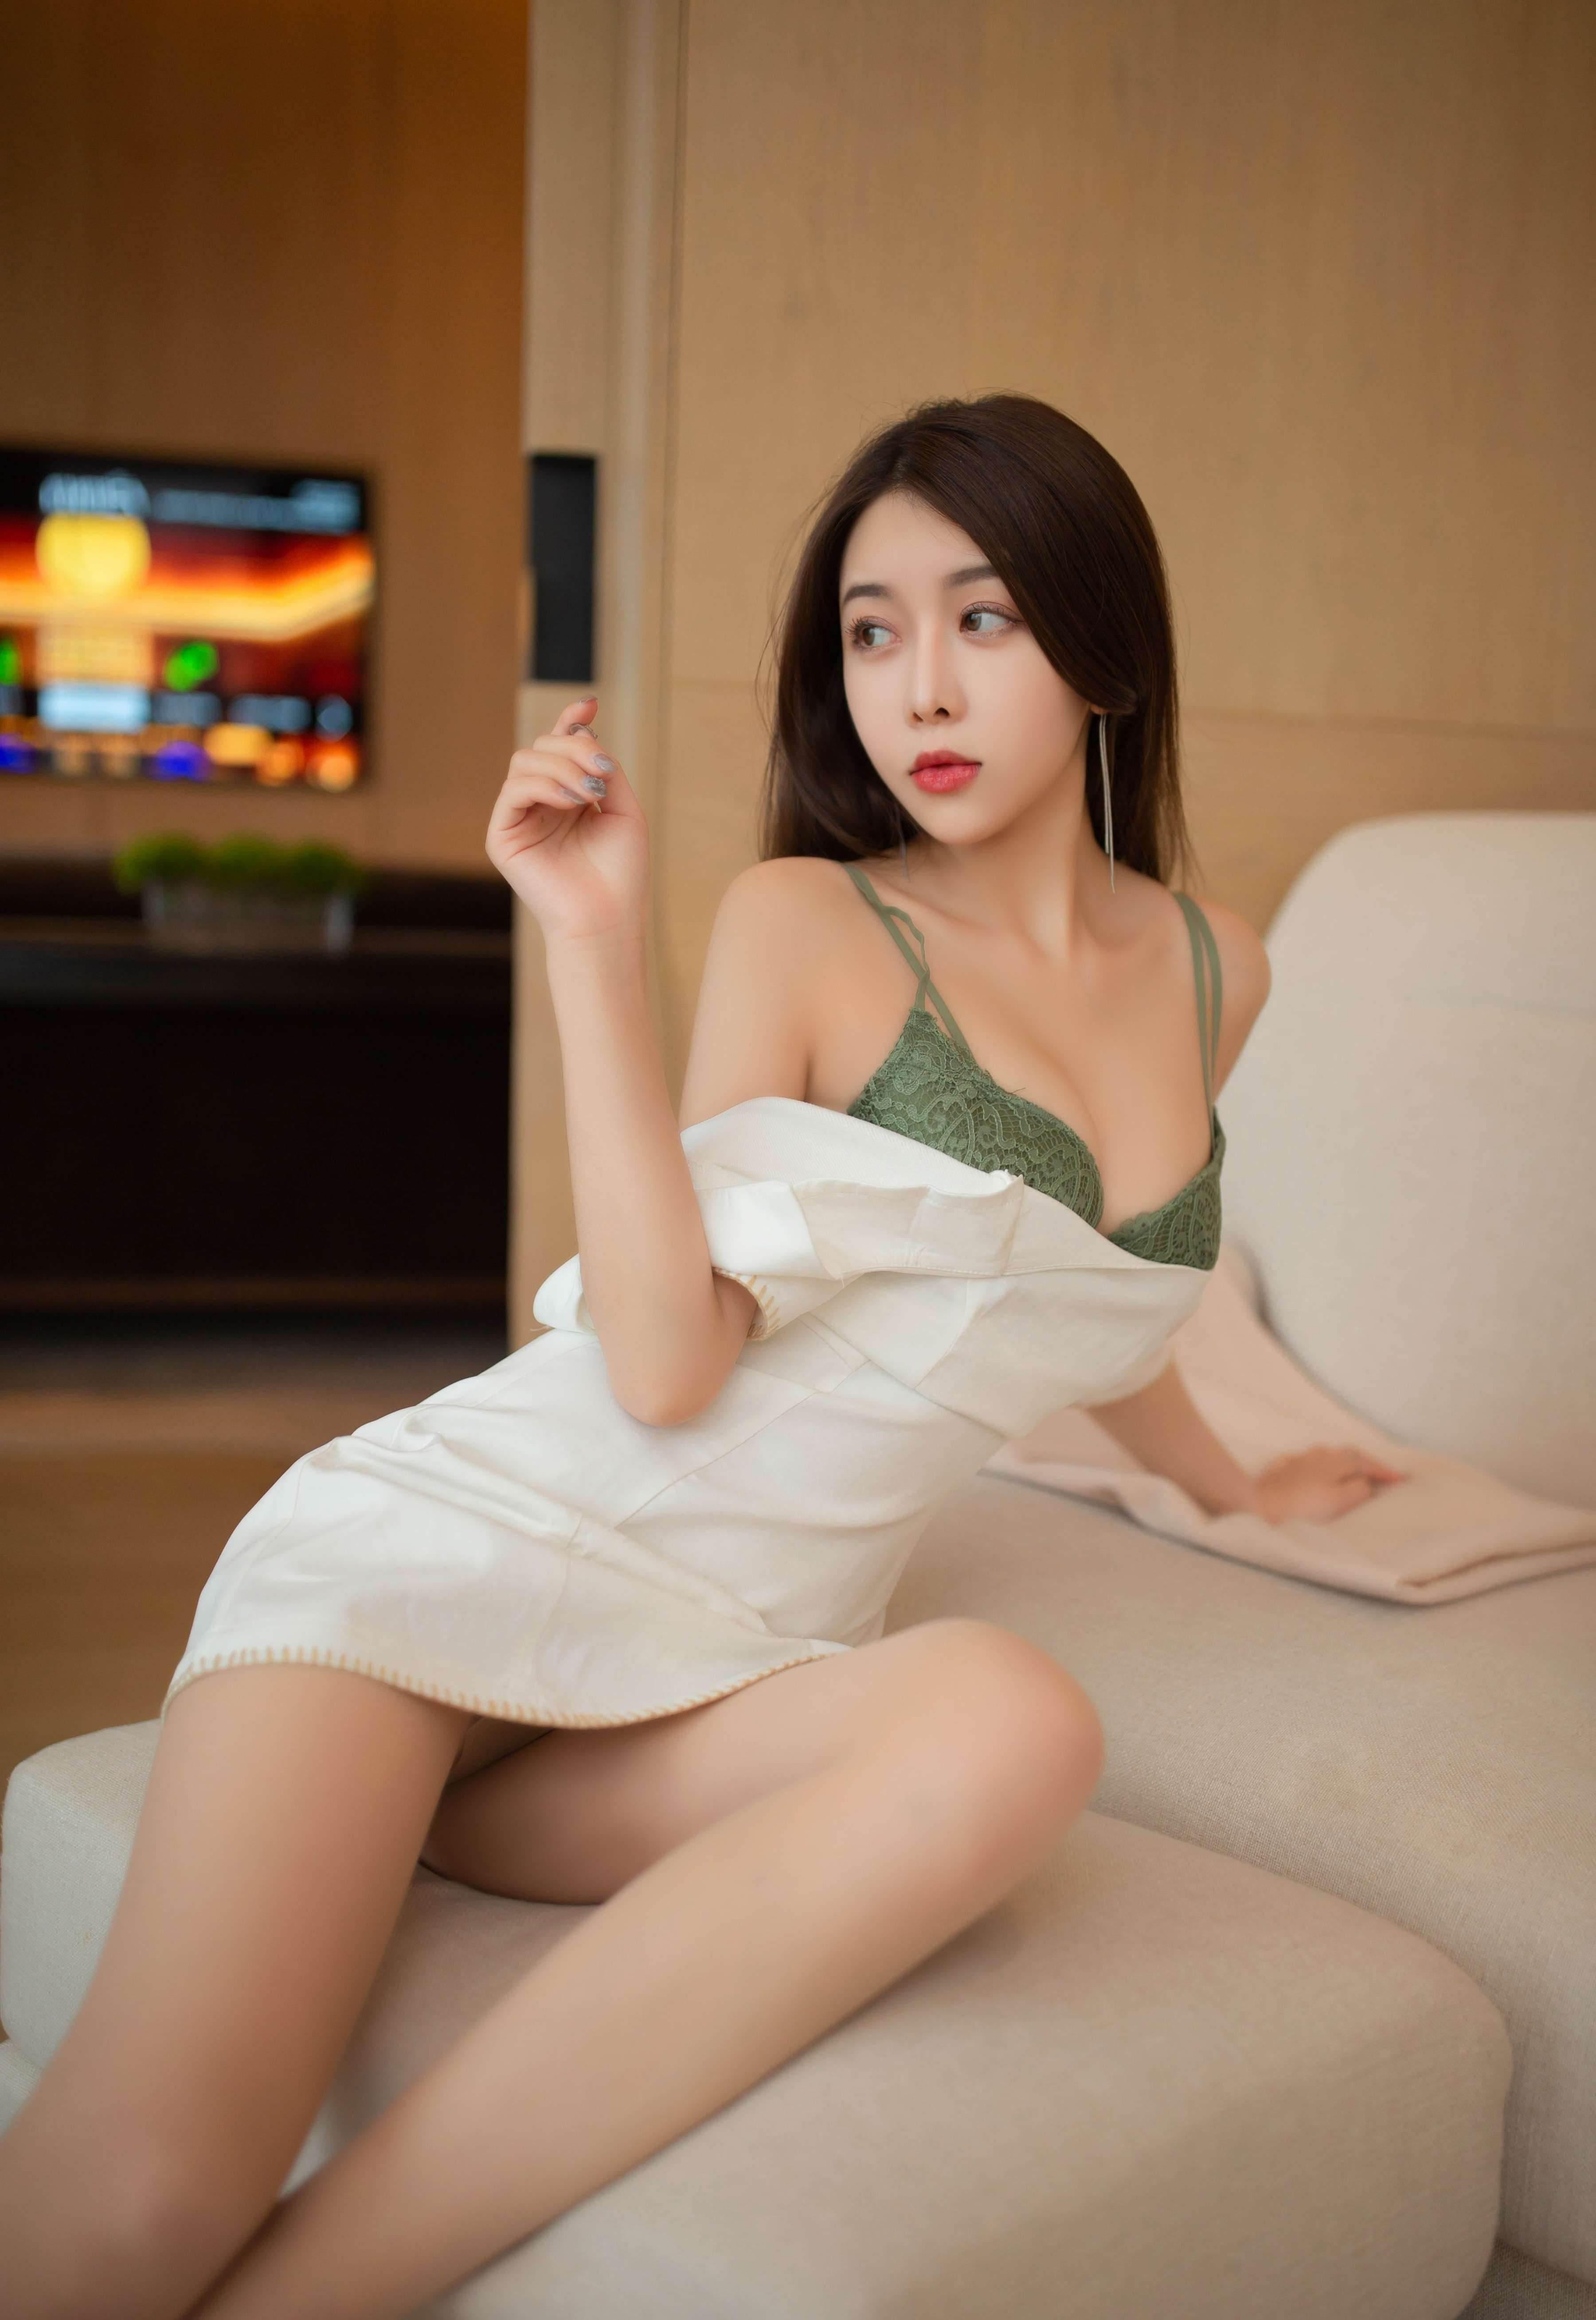 第61期女友的下午茶夏诗诗(丝袜,高跟)_图片4